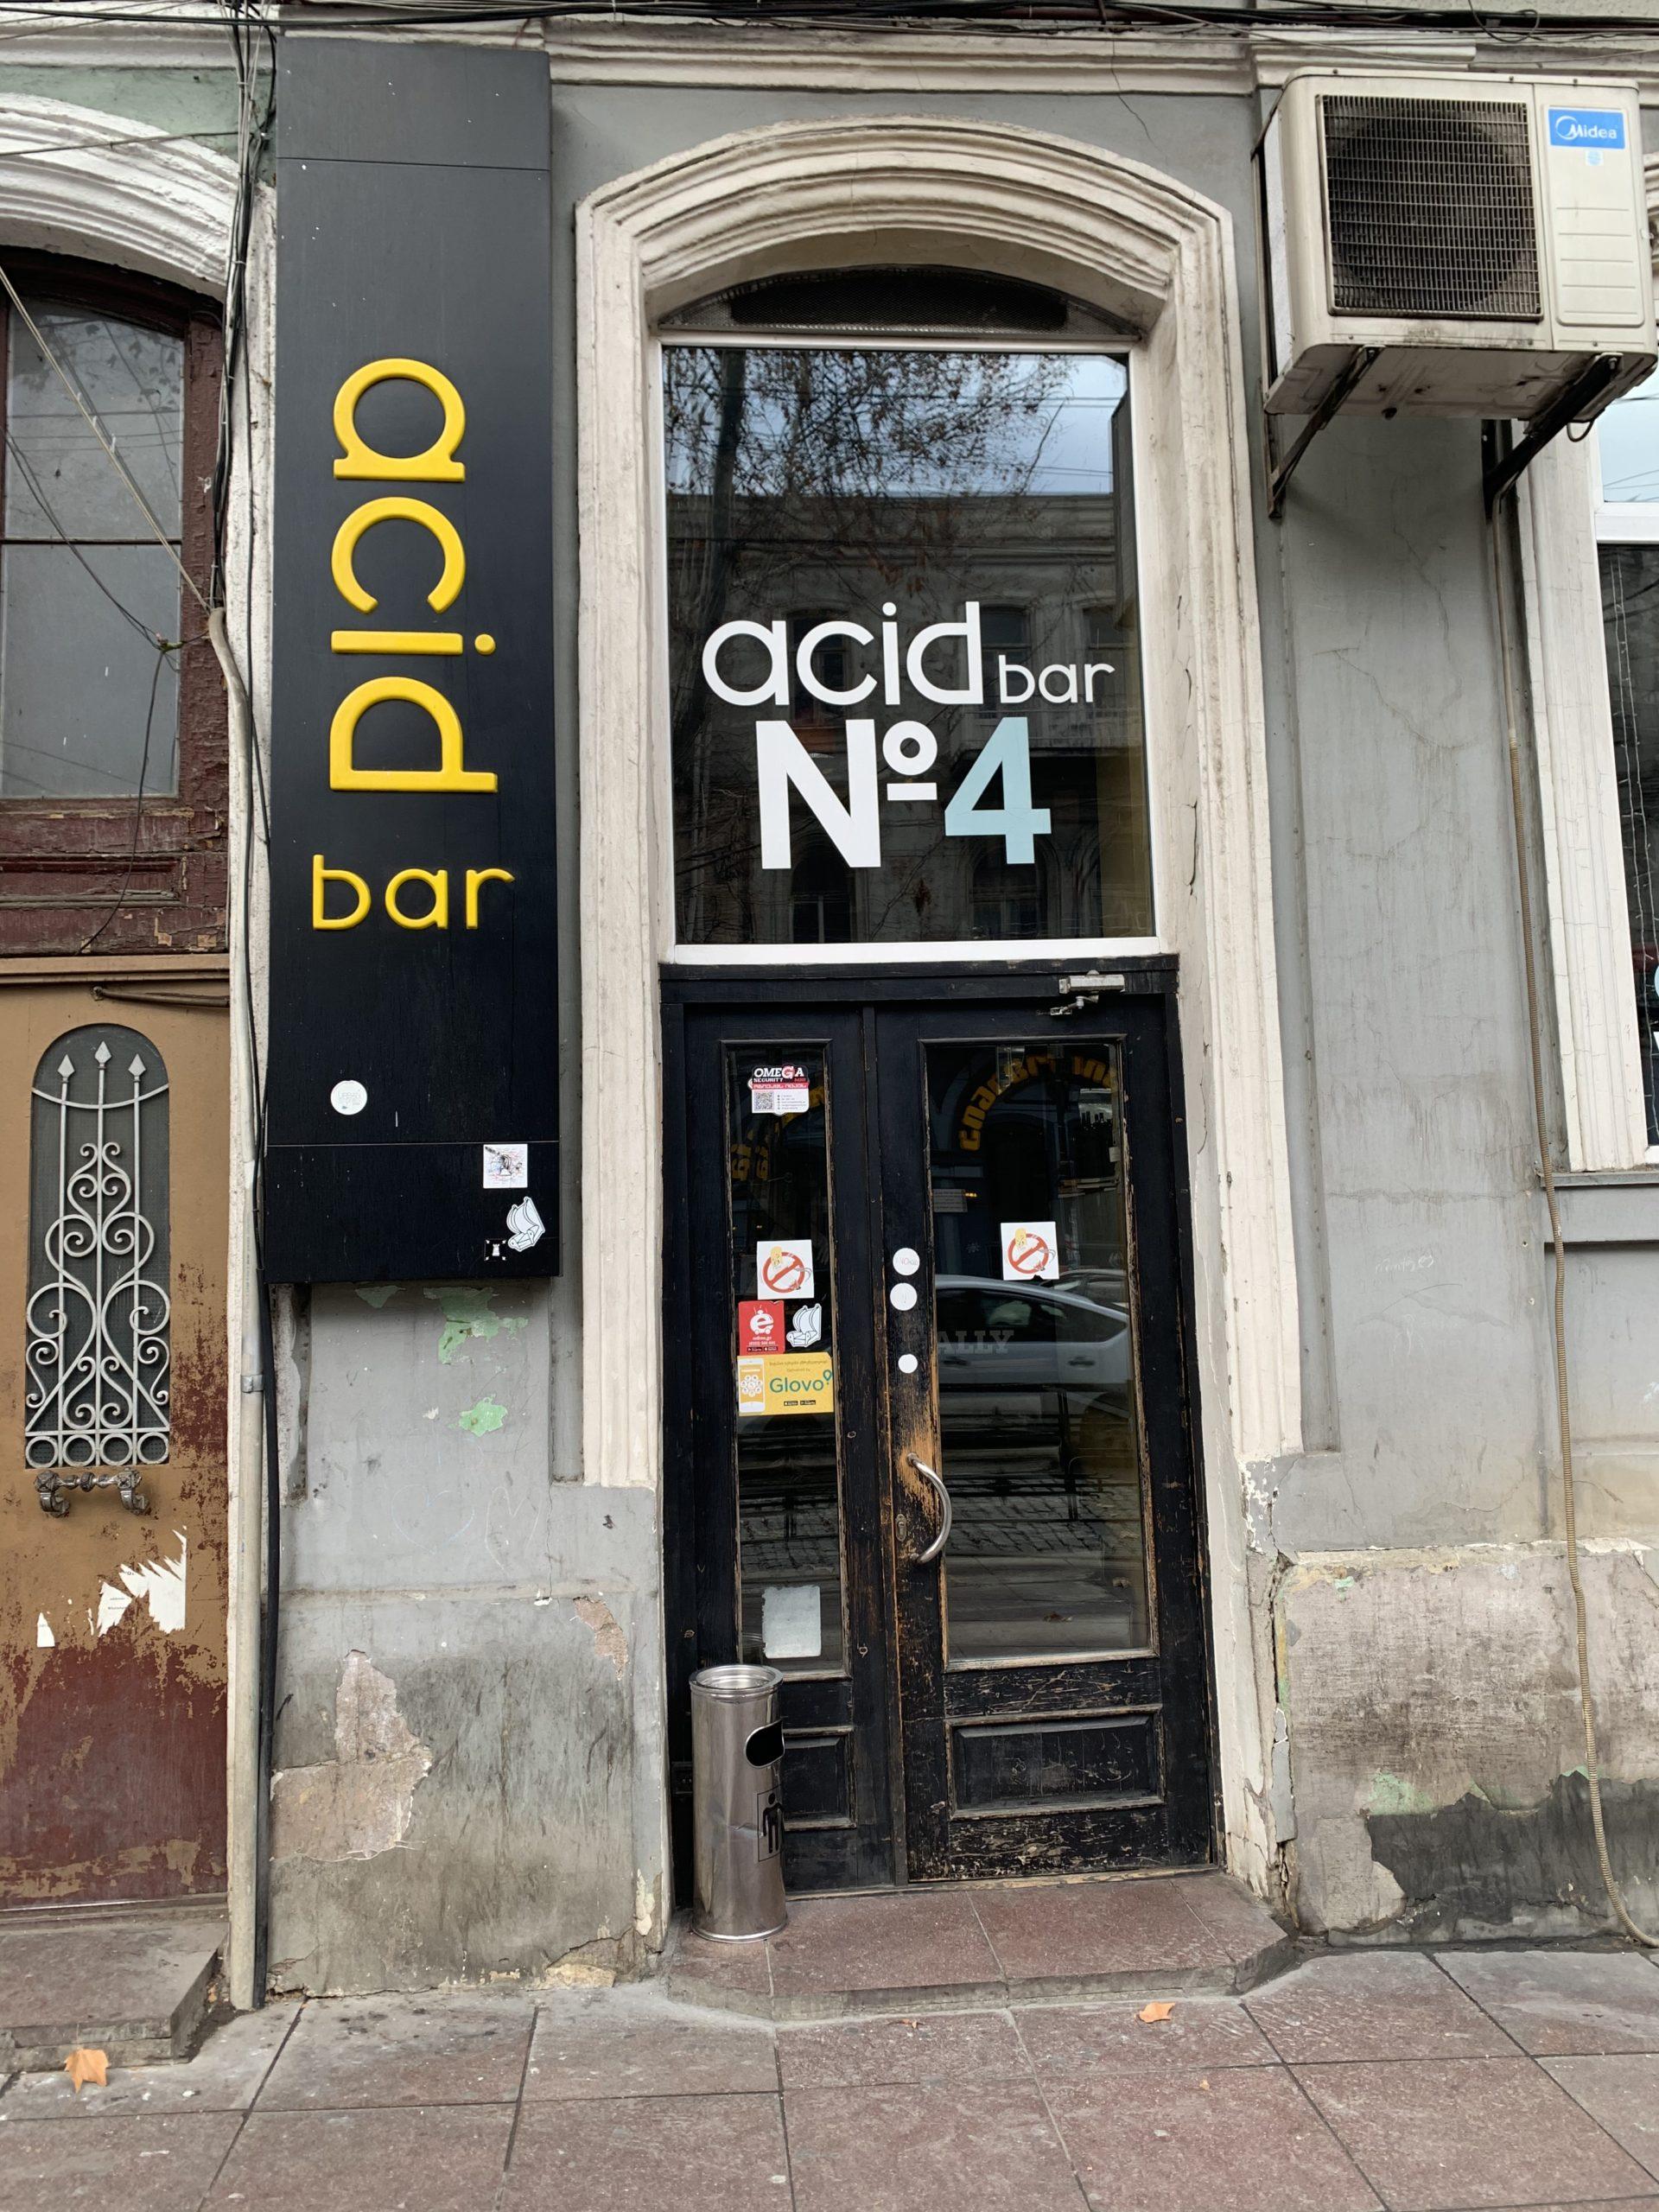 acidbar